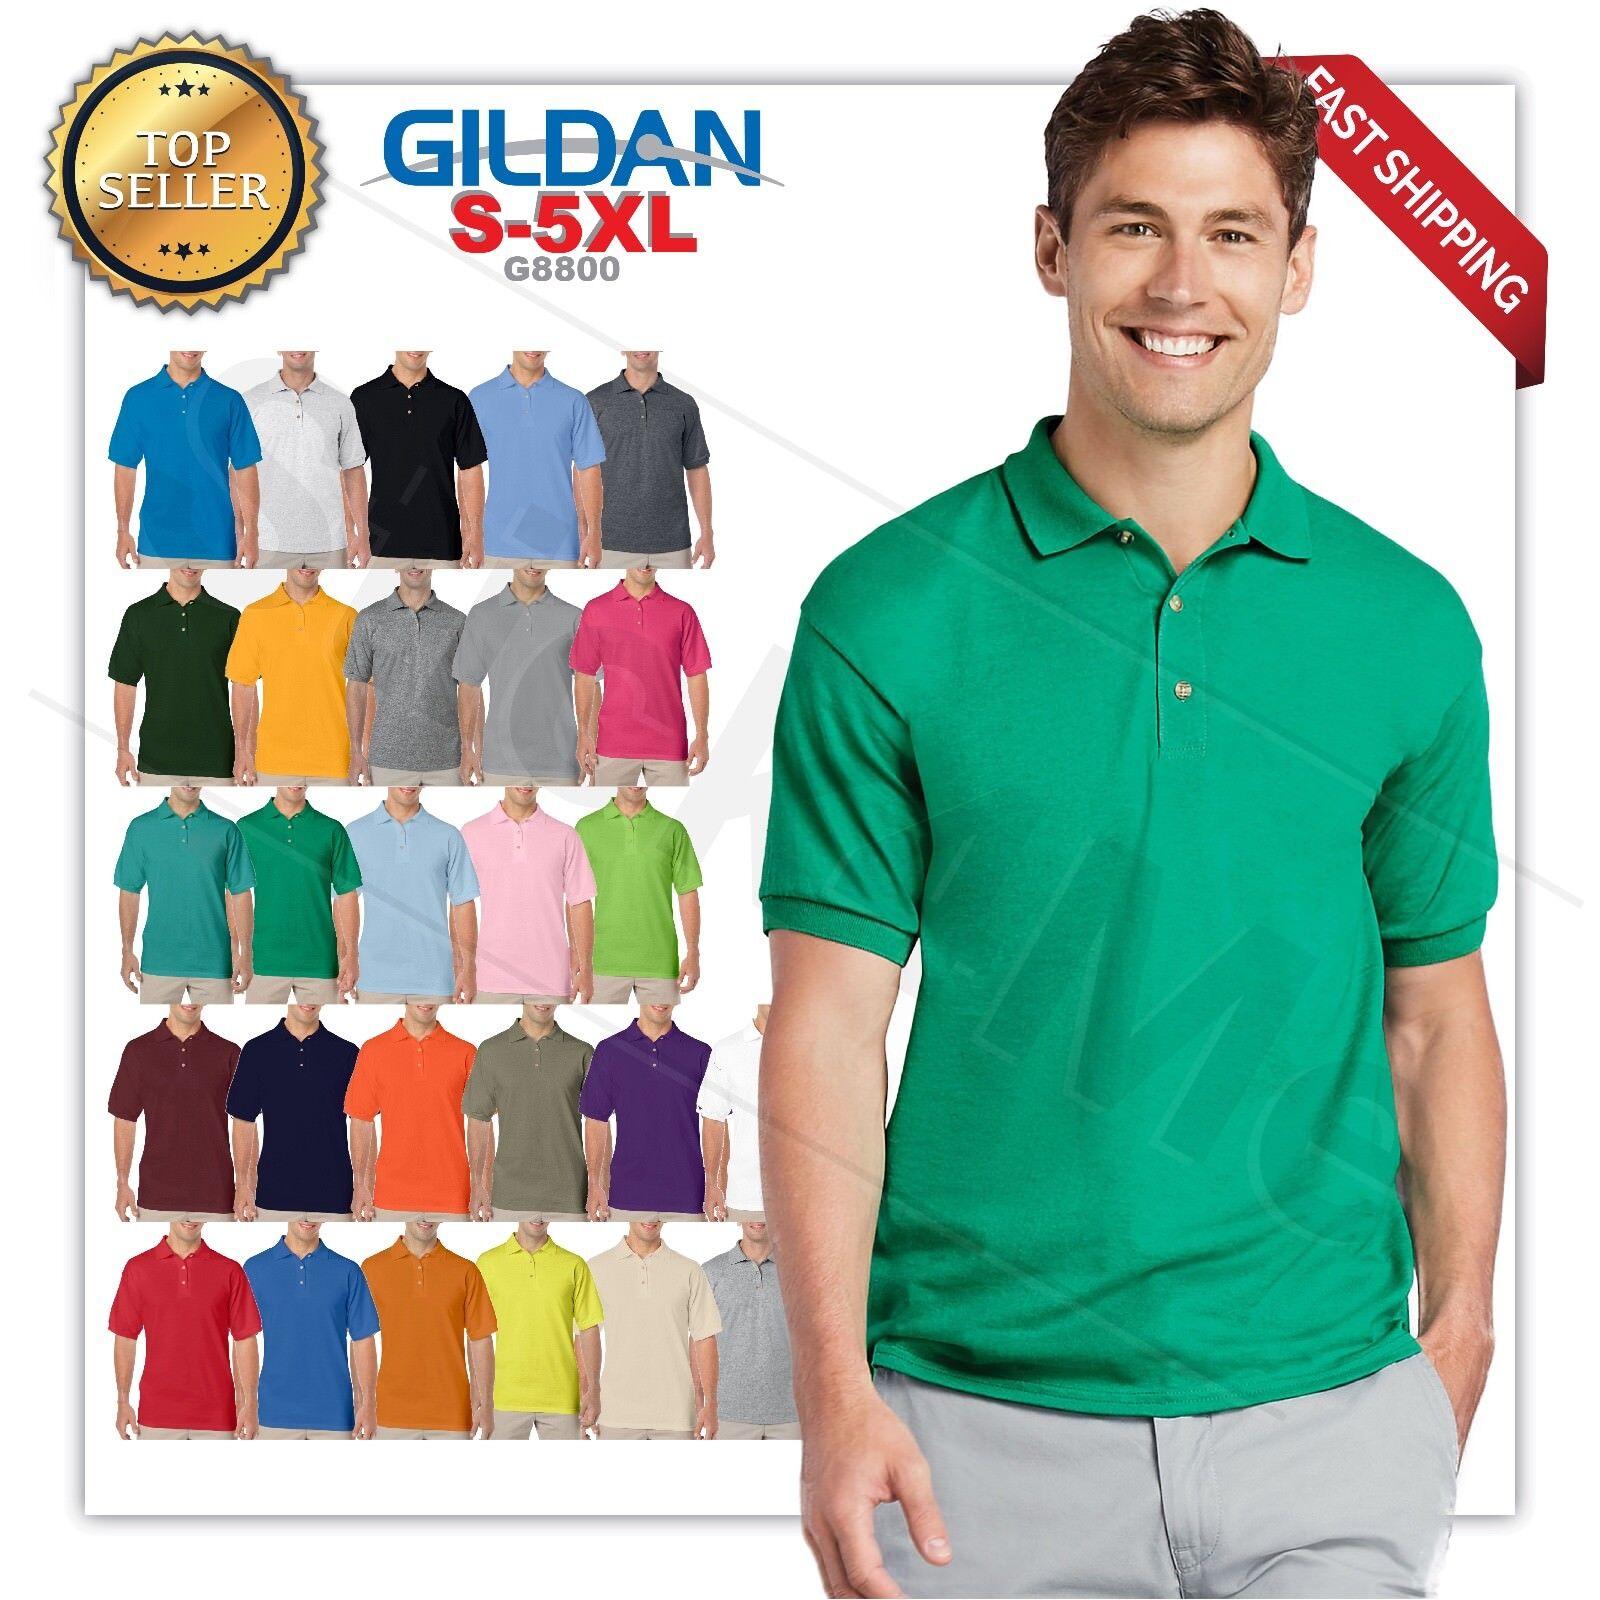 Gildan DryBlend Mens Polo GOLF Sport Shirt Jersey T-Shirt 88